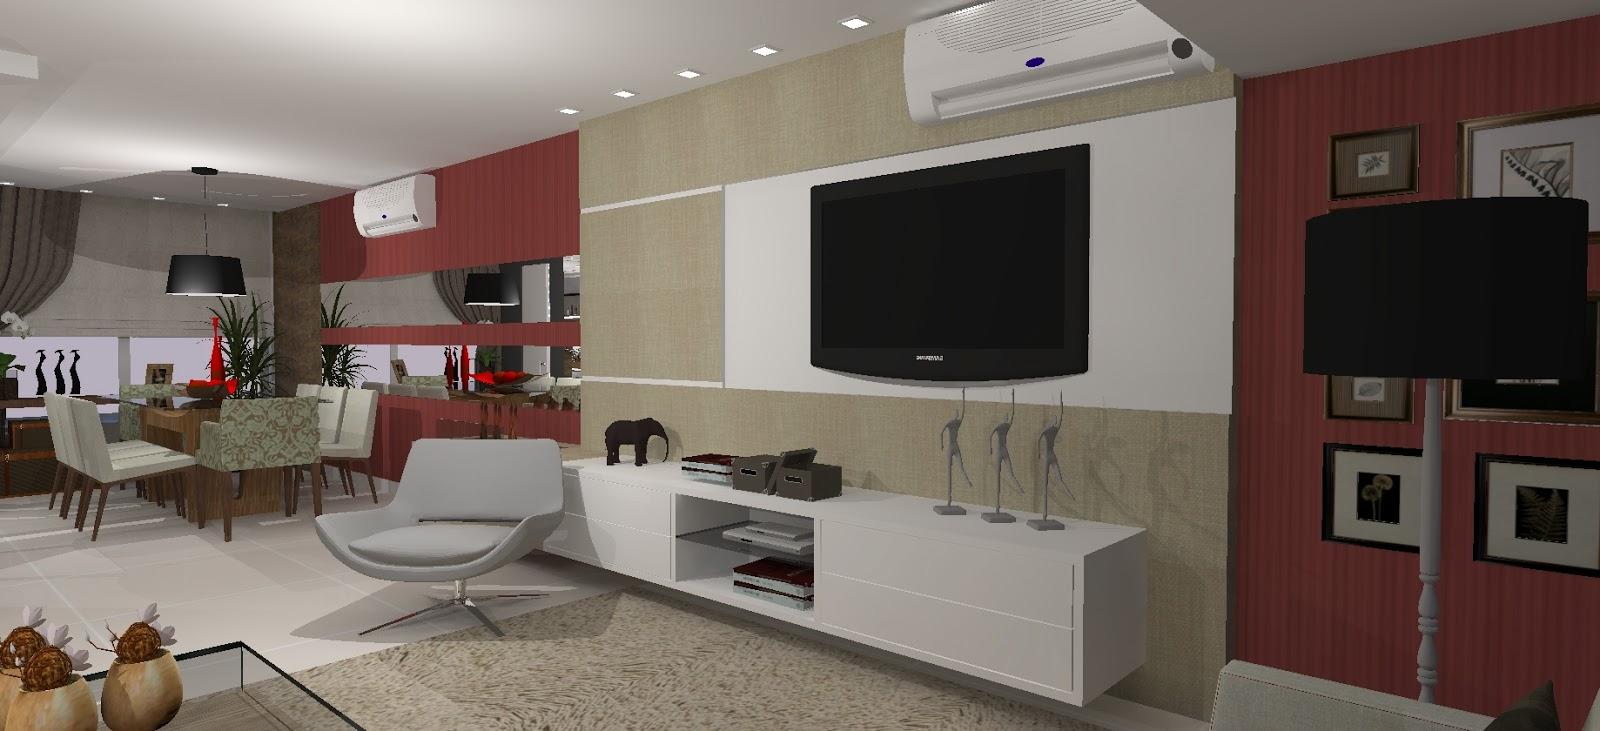 Arquitetas Associadas Sala de TV, sala de jantar e cozinha integradas